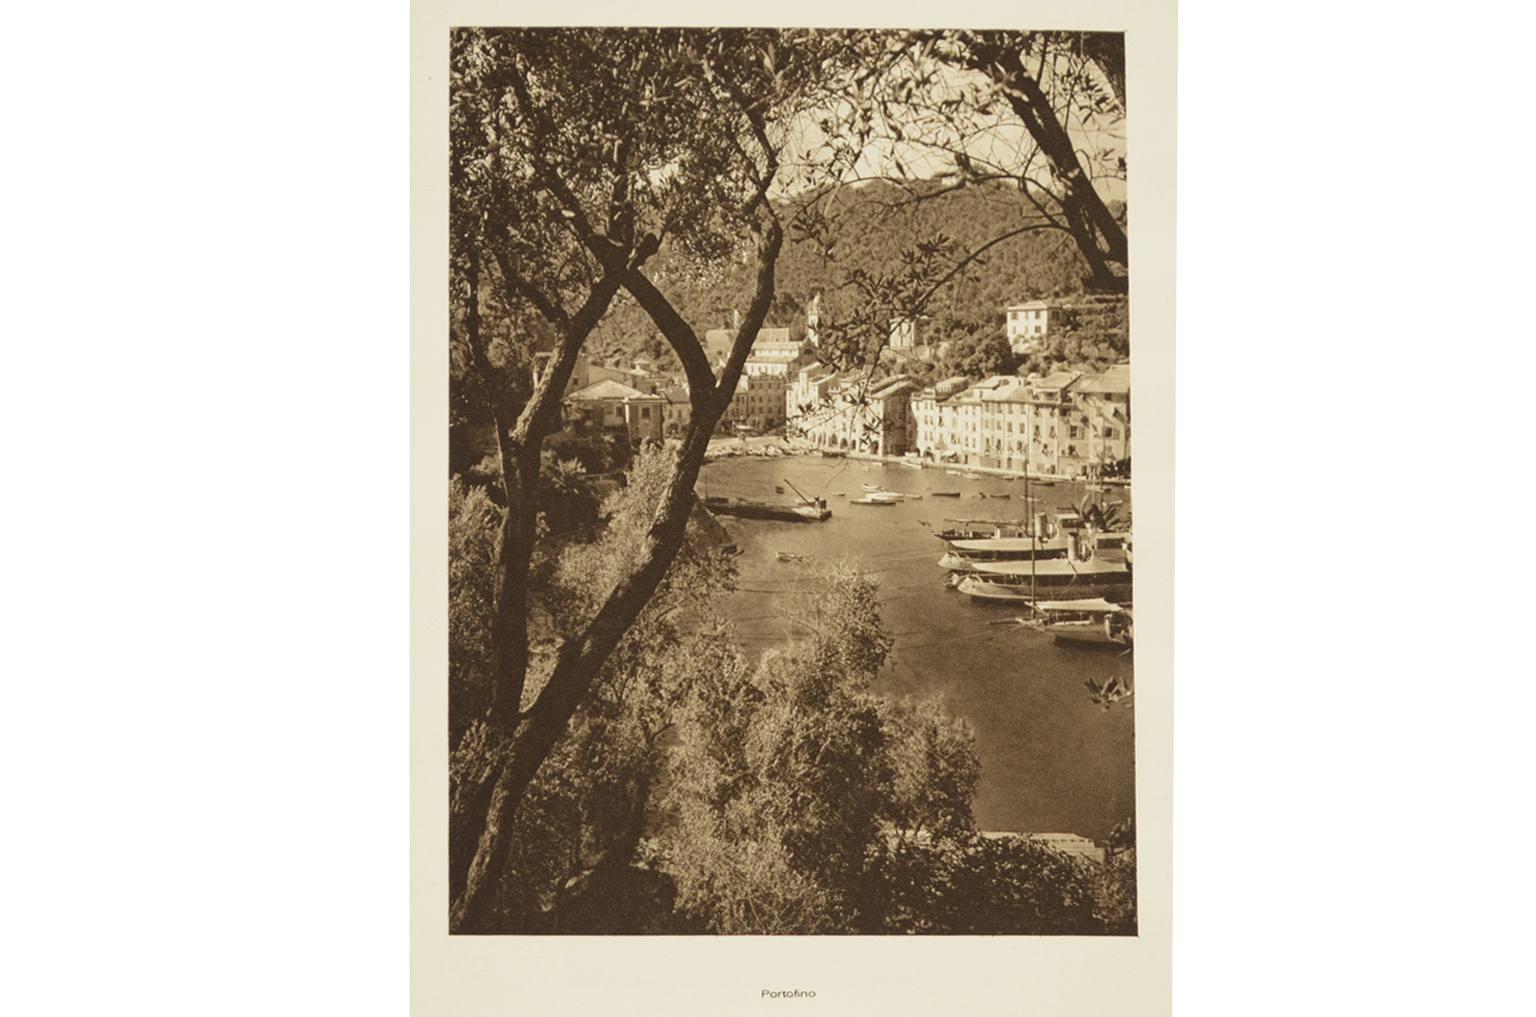 Antiquariato nautico/Lt1-Litografia Portofino